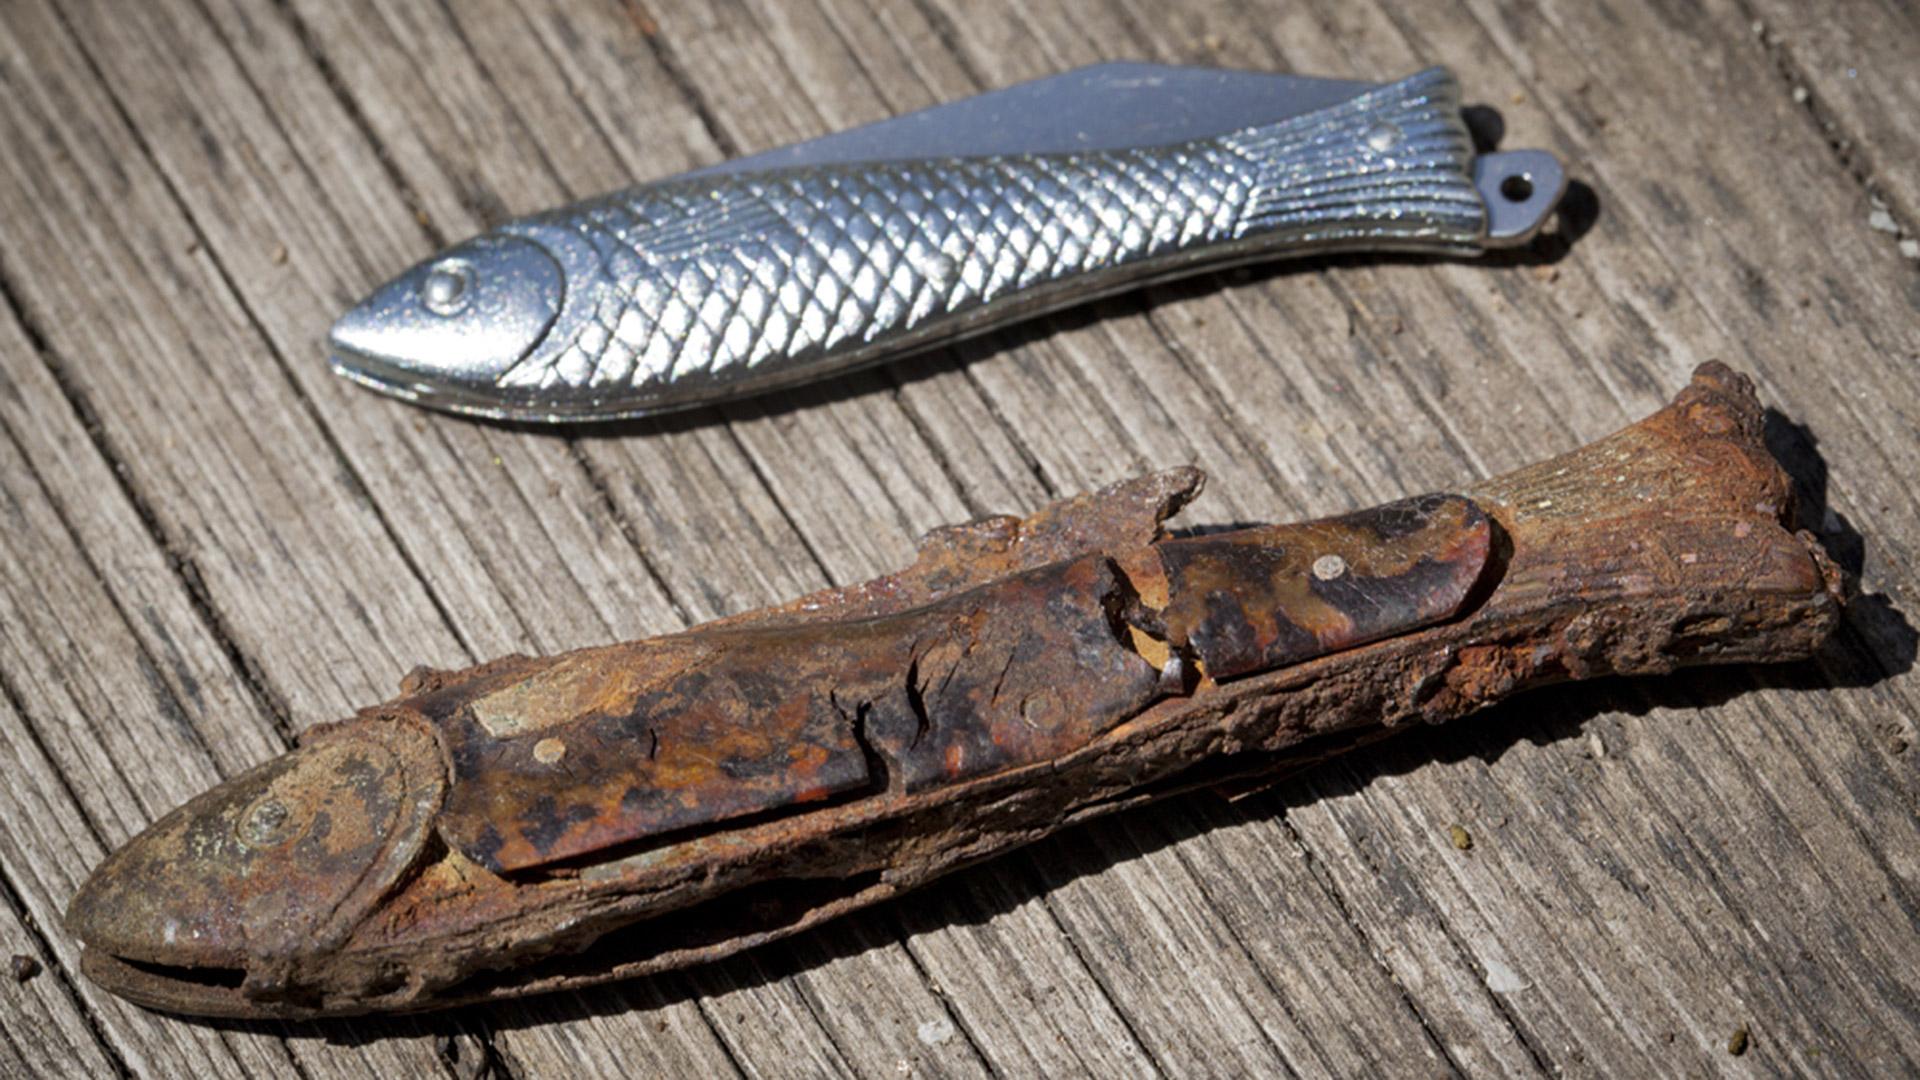 První dochovaný nůž Rybička (dole) s aktuální verzí (nahoře). © Mikov